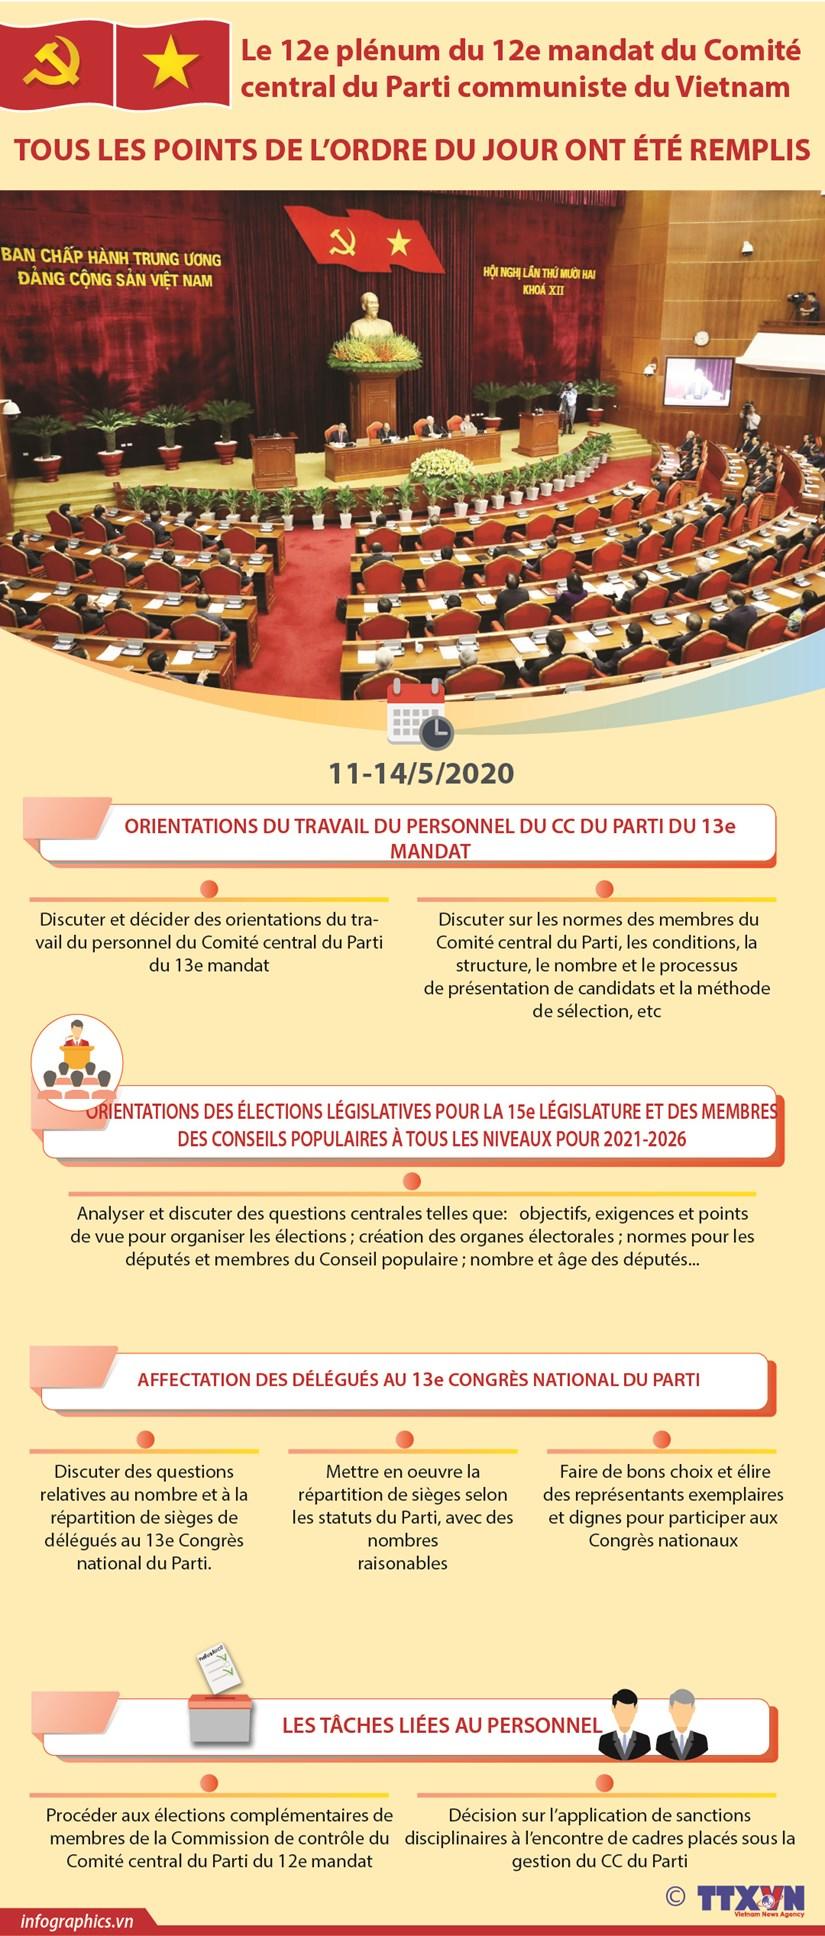 Le 12e plenum du 12e mandat du Comite central du Parti communiste du Vietnam hinh anh 1